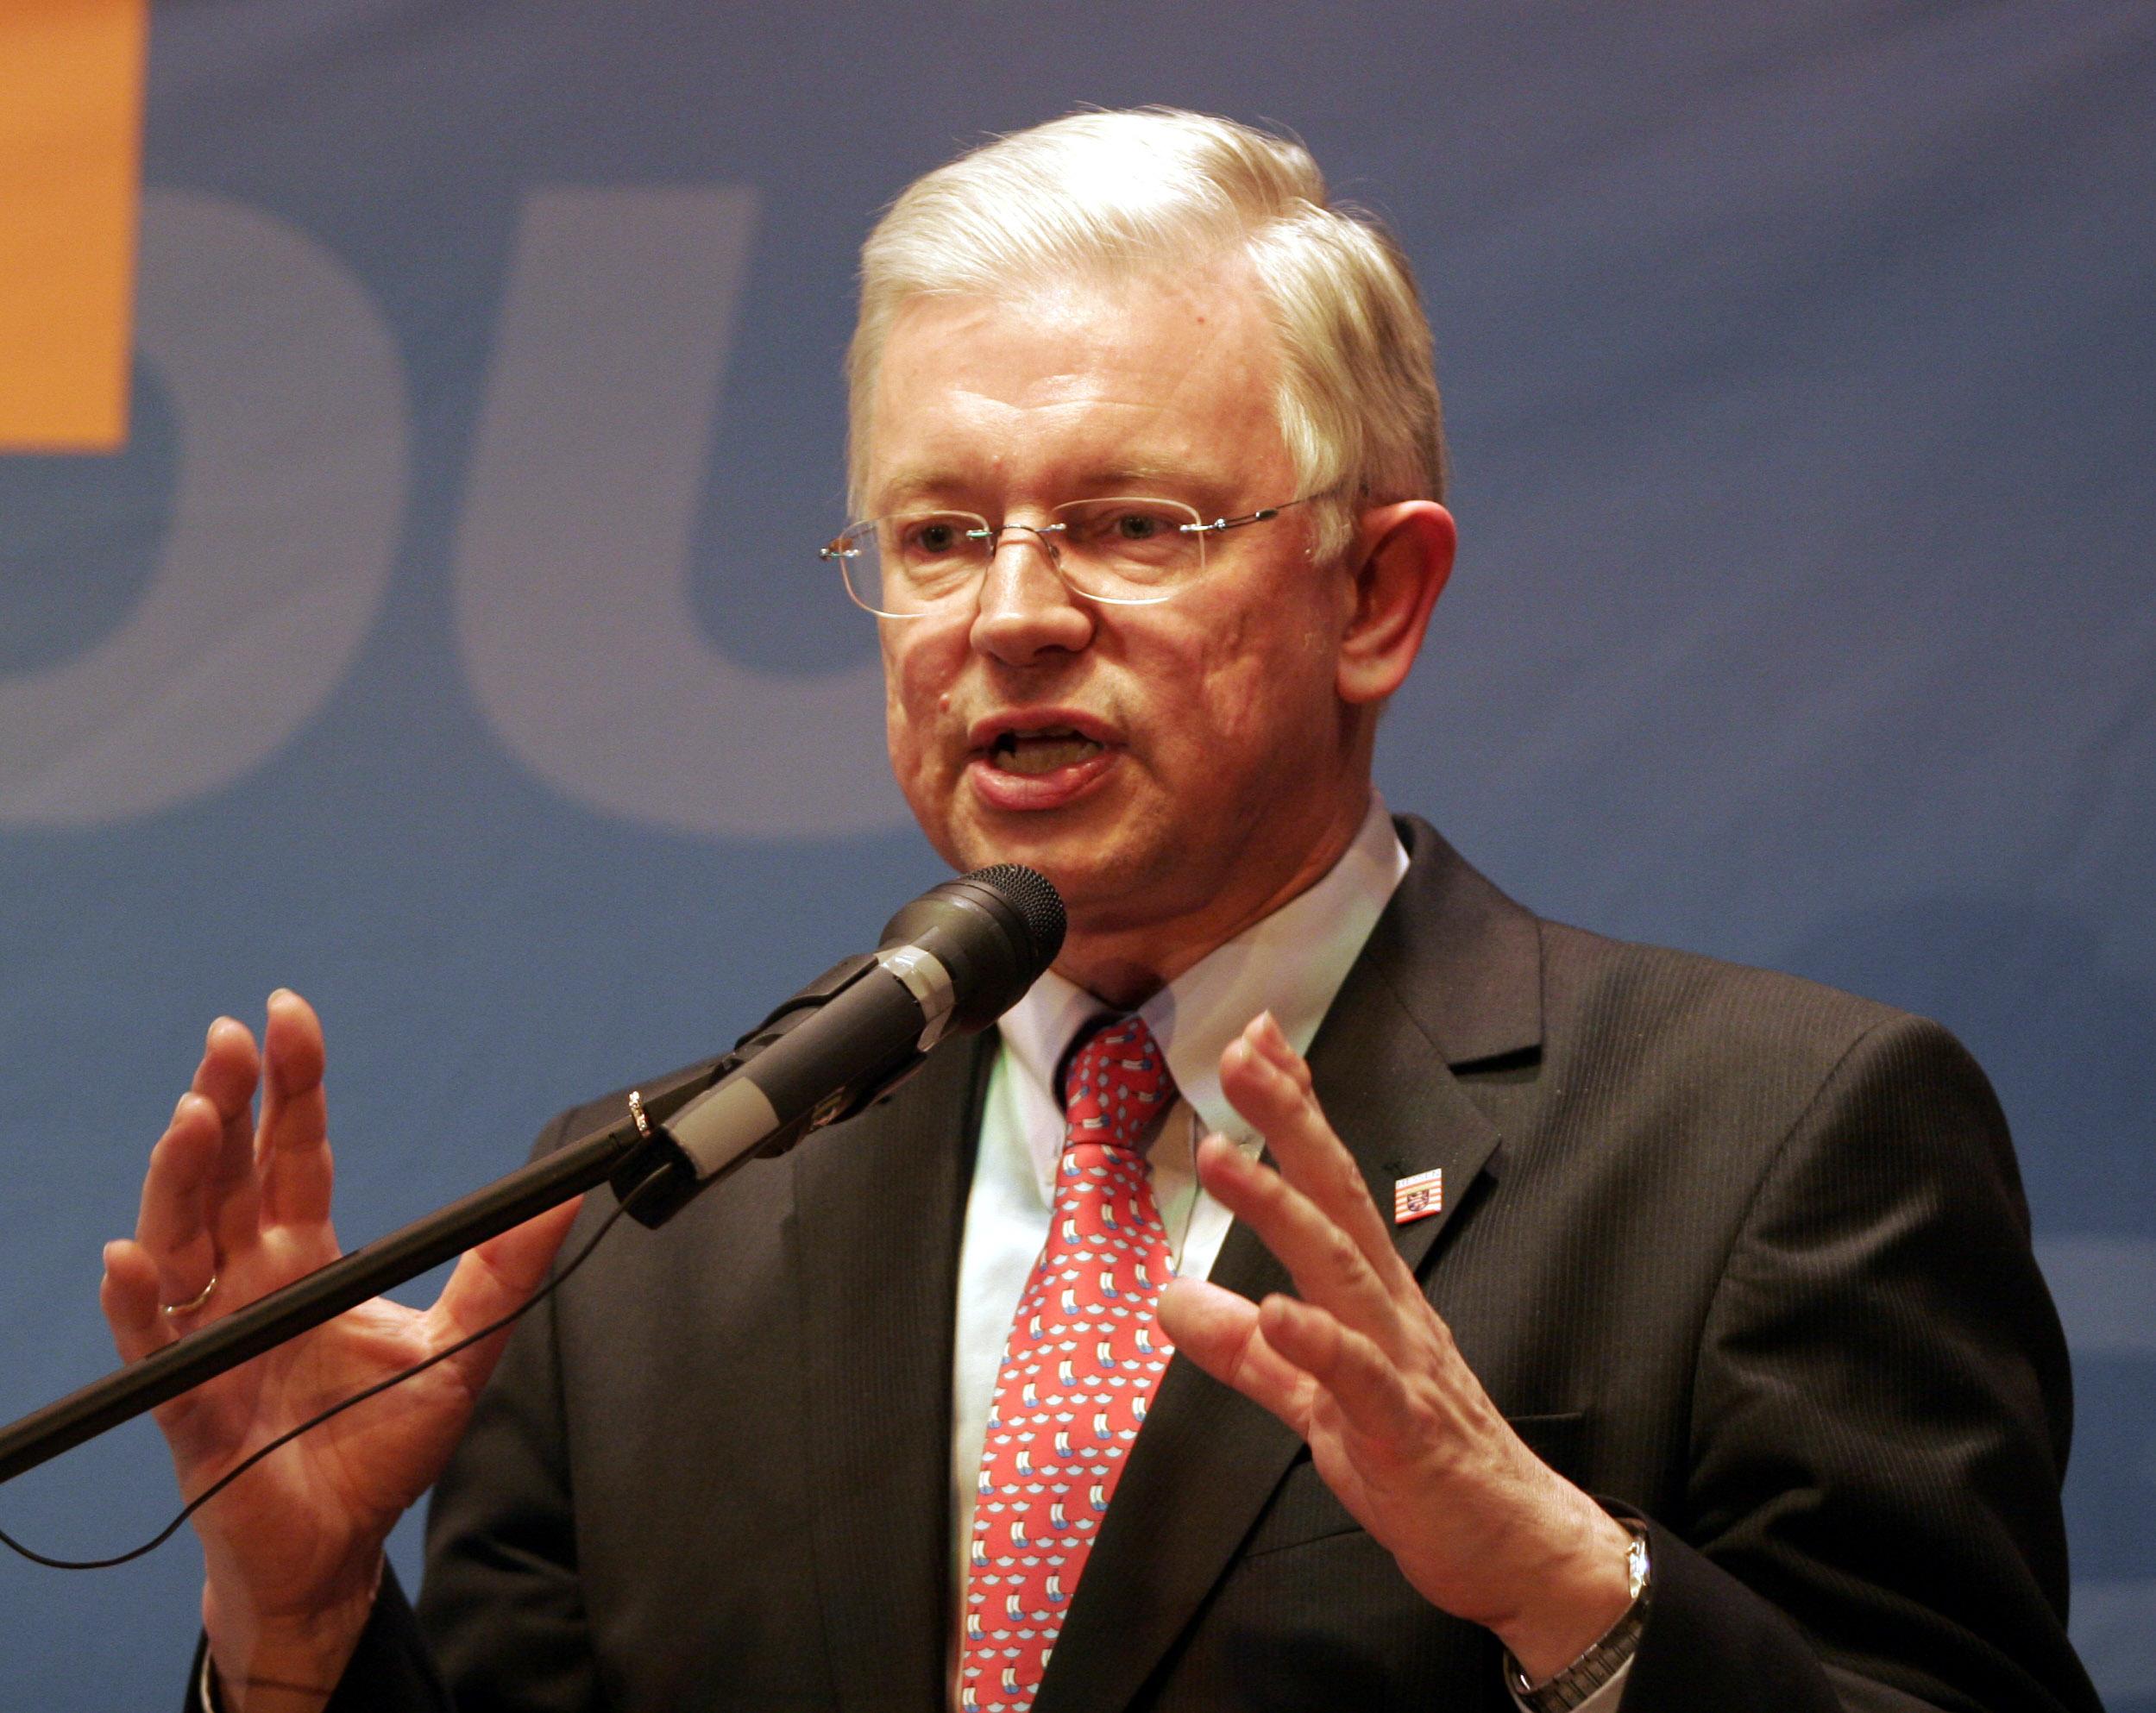 Roland koch gr e star k rpergr en for Koch politiker